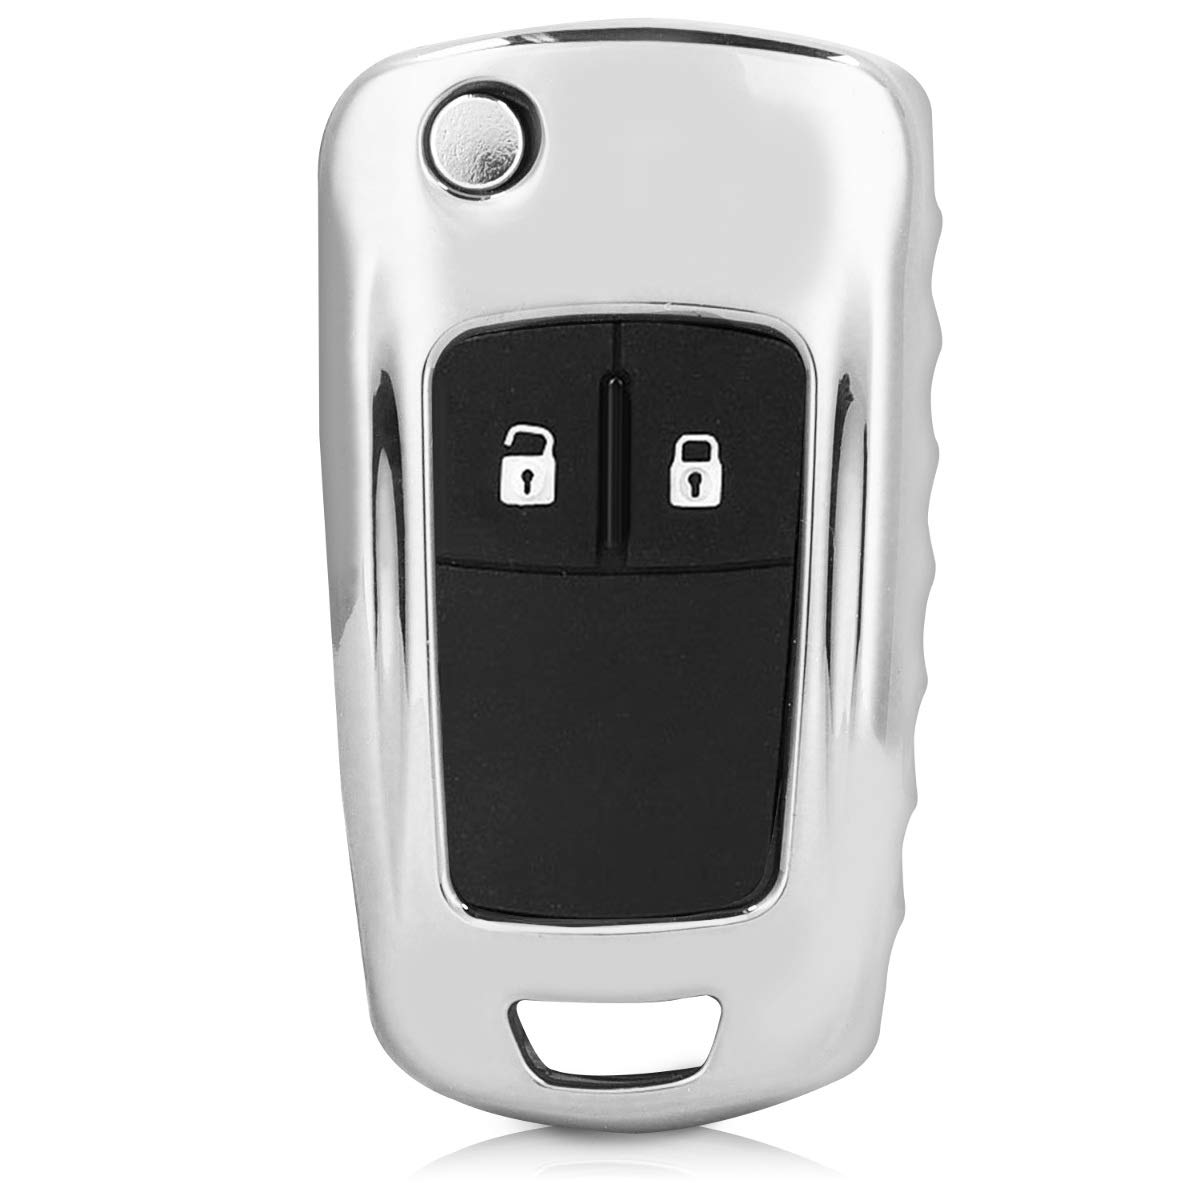 Suave Carcasa para Llaves Cover de Mando y Control de Auto en kwmobile Funda para Llave Plegable de 2-3 Botones para Coche Opel Vauxhall de Rosa Oro Brillante TPU